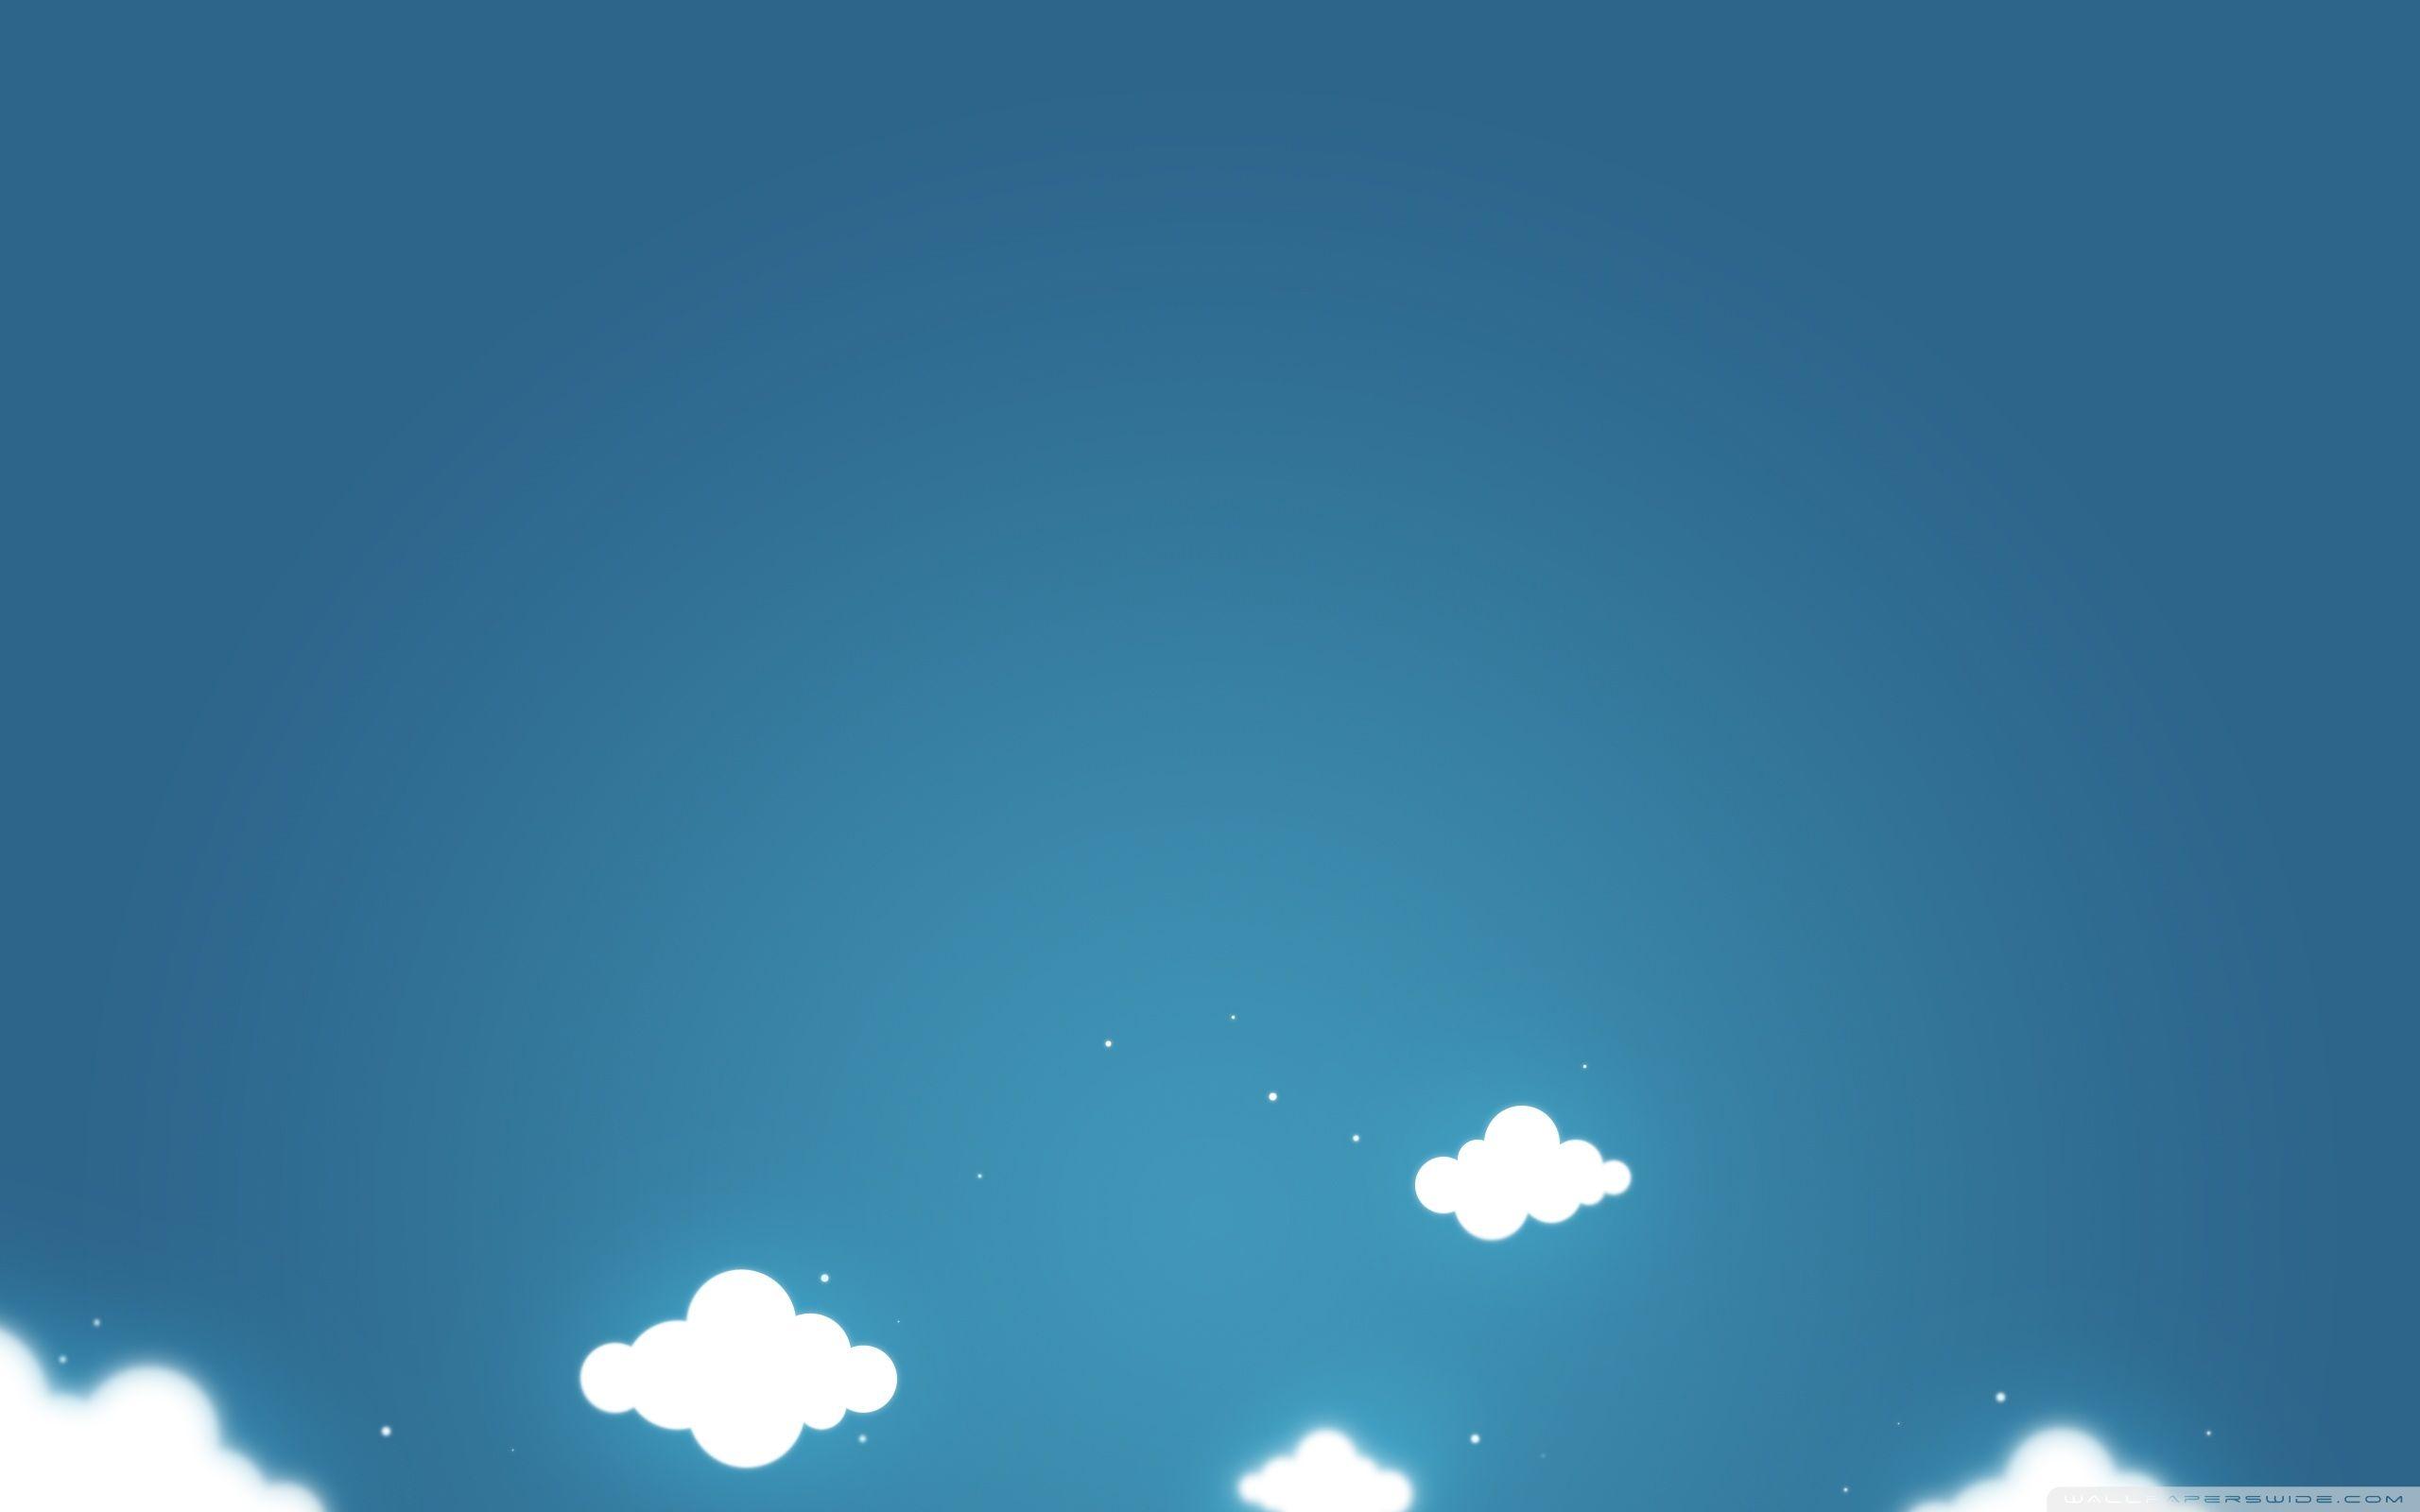 Ảnh vẽ background bầu trời và cục mây trắng